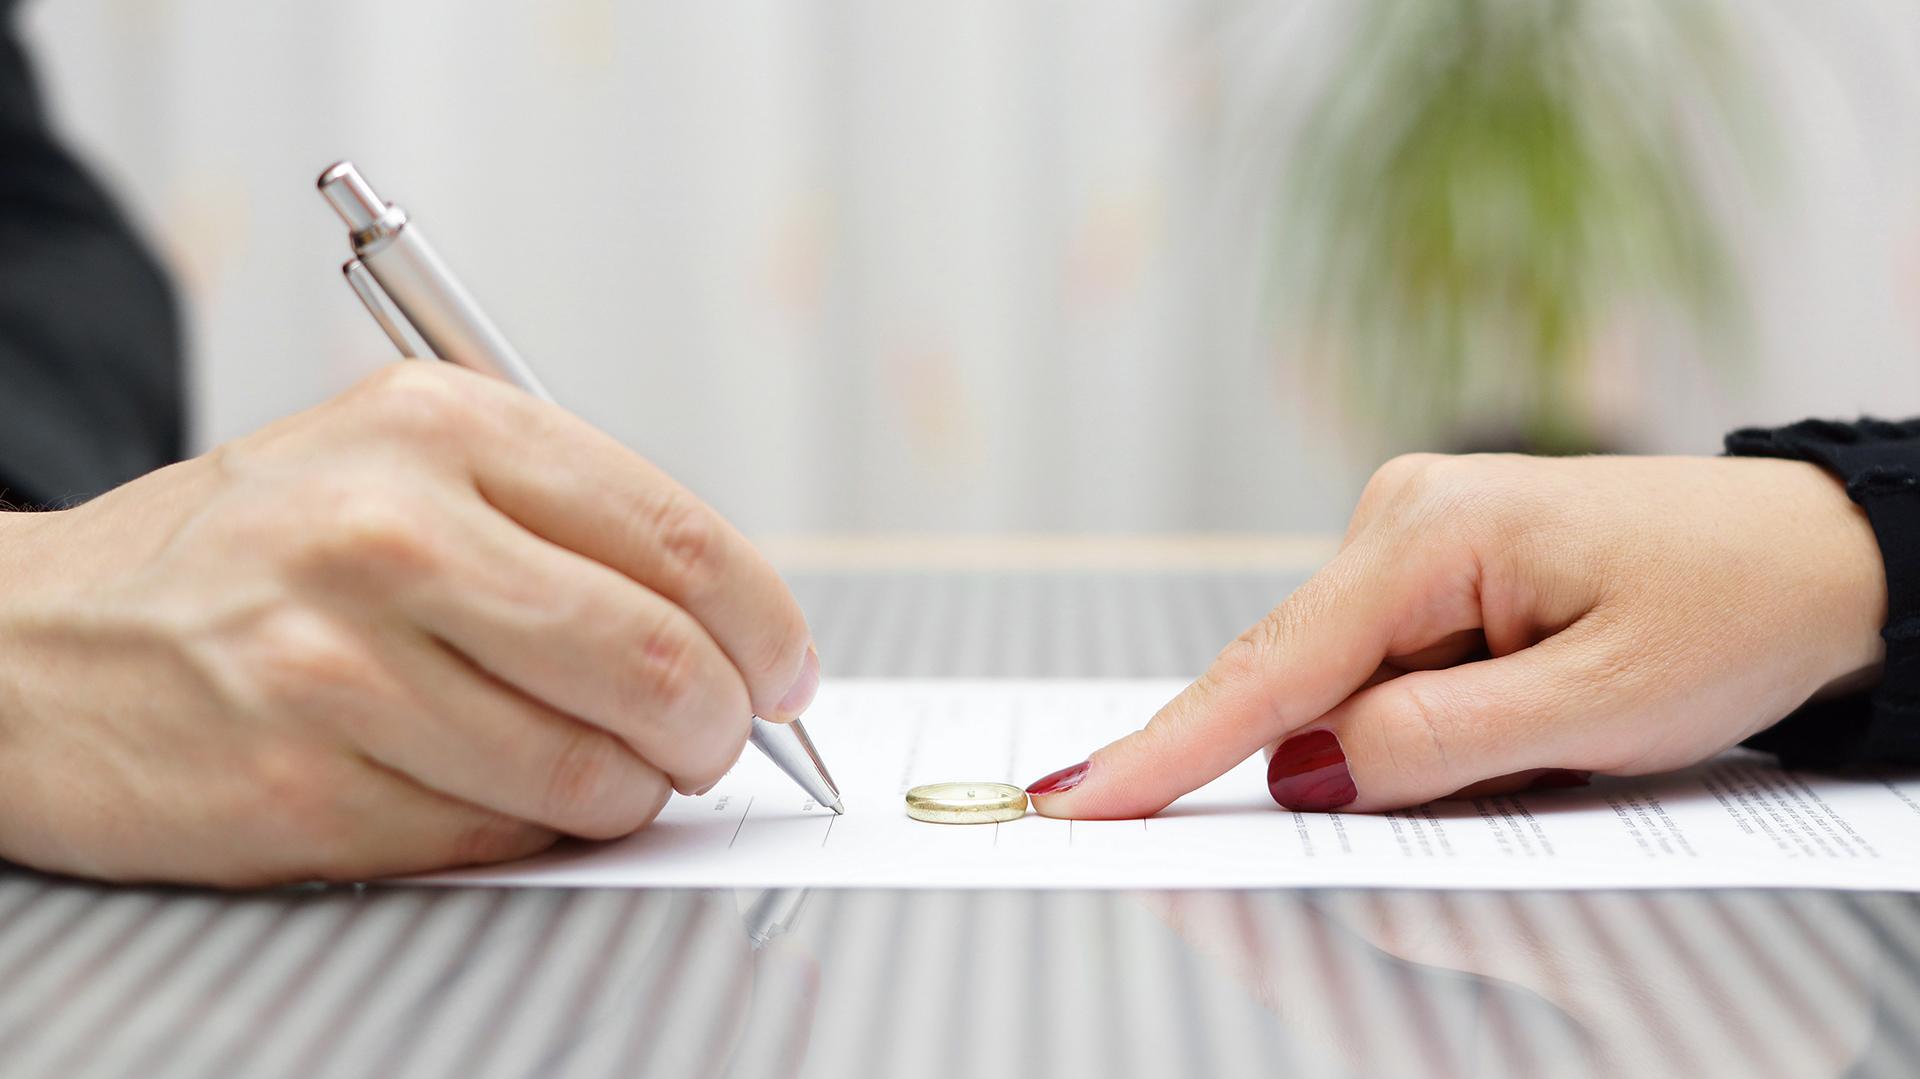 El blanqueo puede complicar la negociación por la división de bienes (Shutterstock)